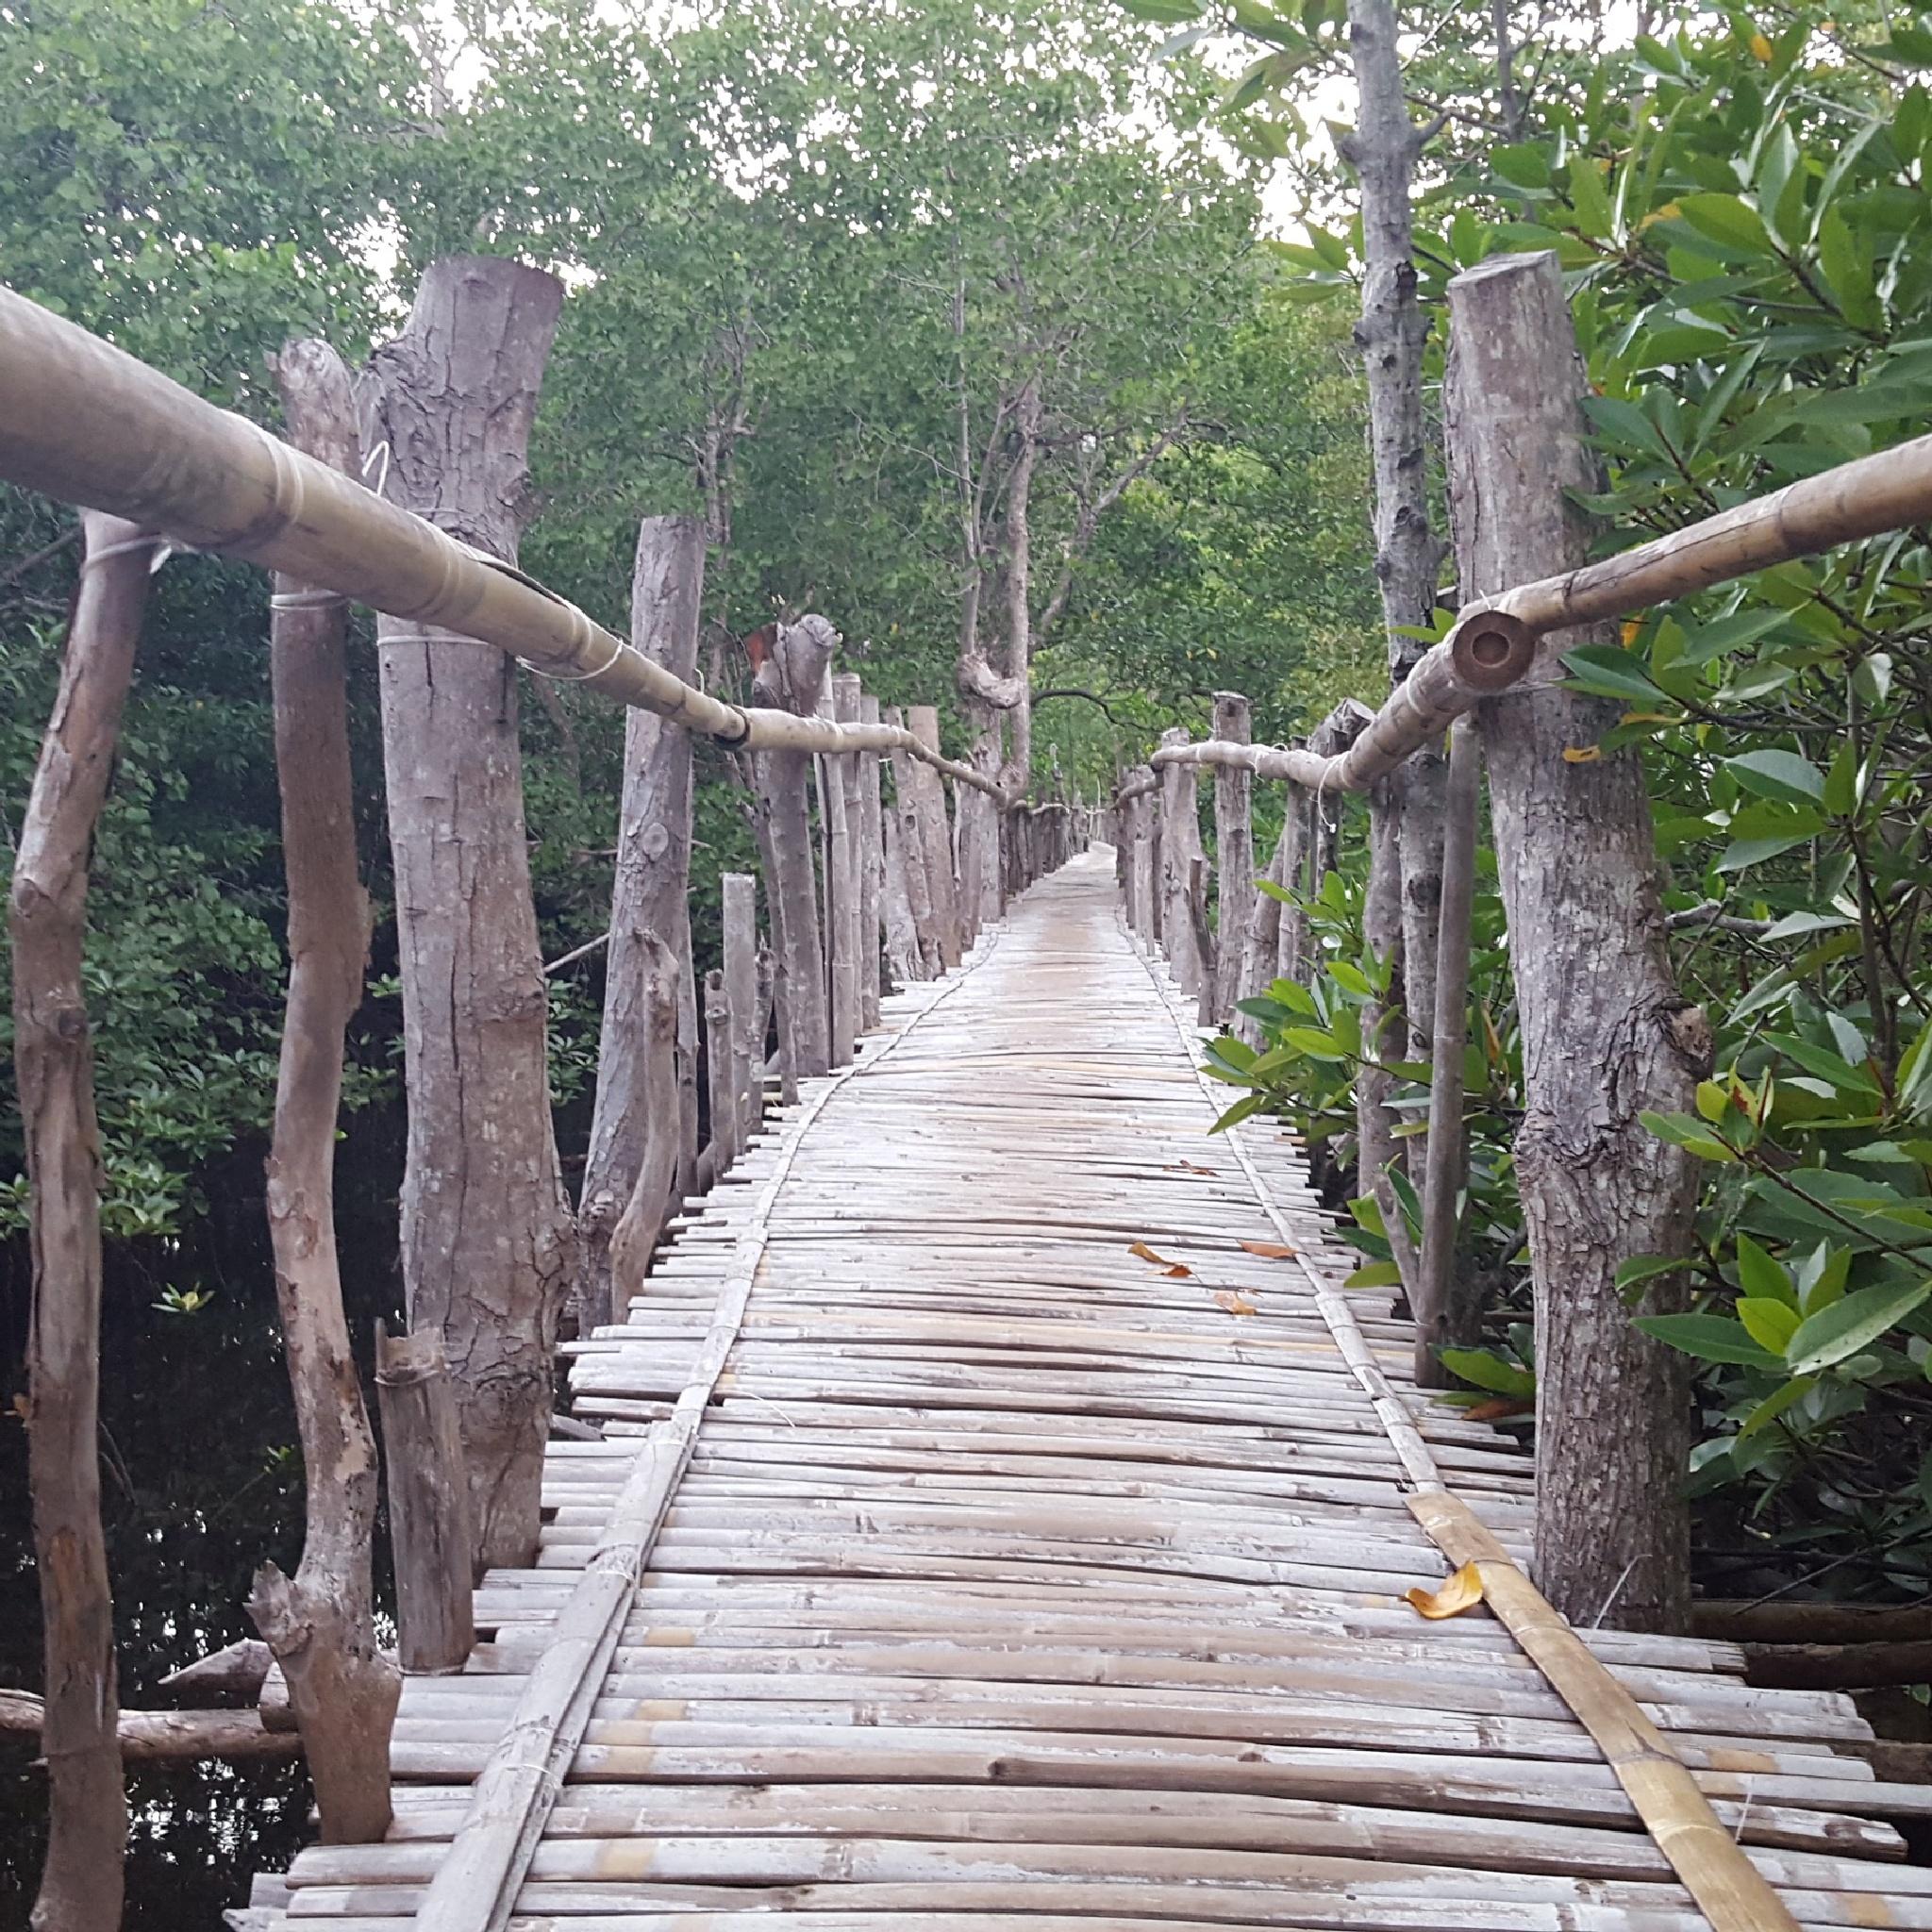 Mangrove walk by Robin Dekker